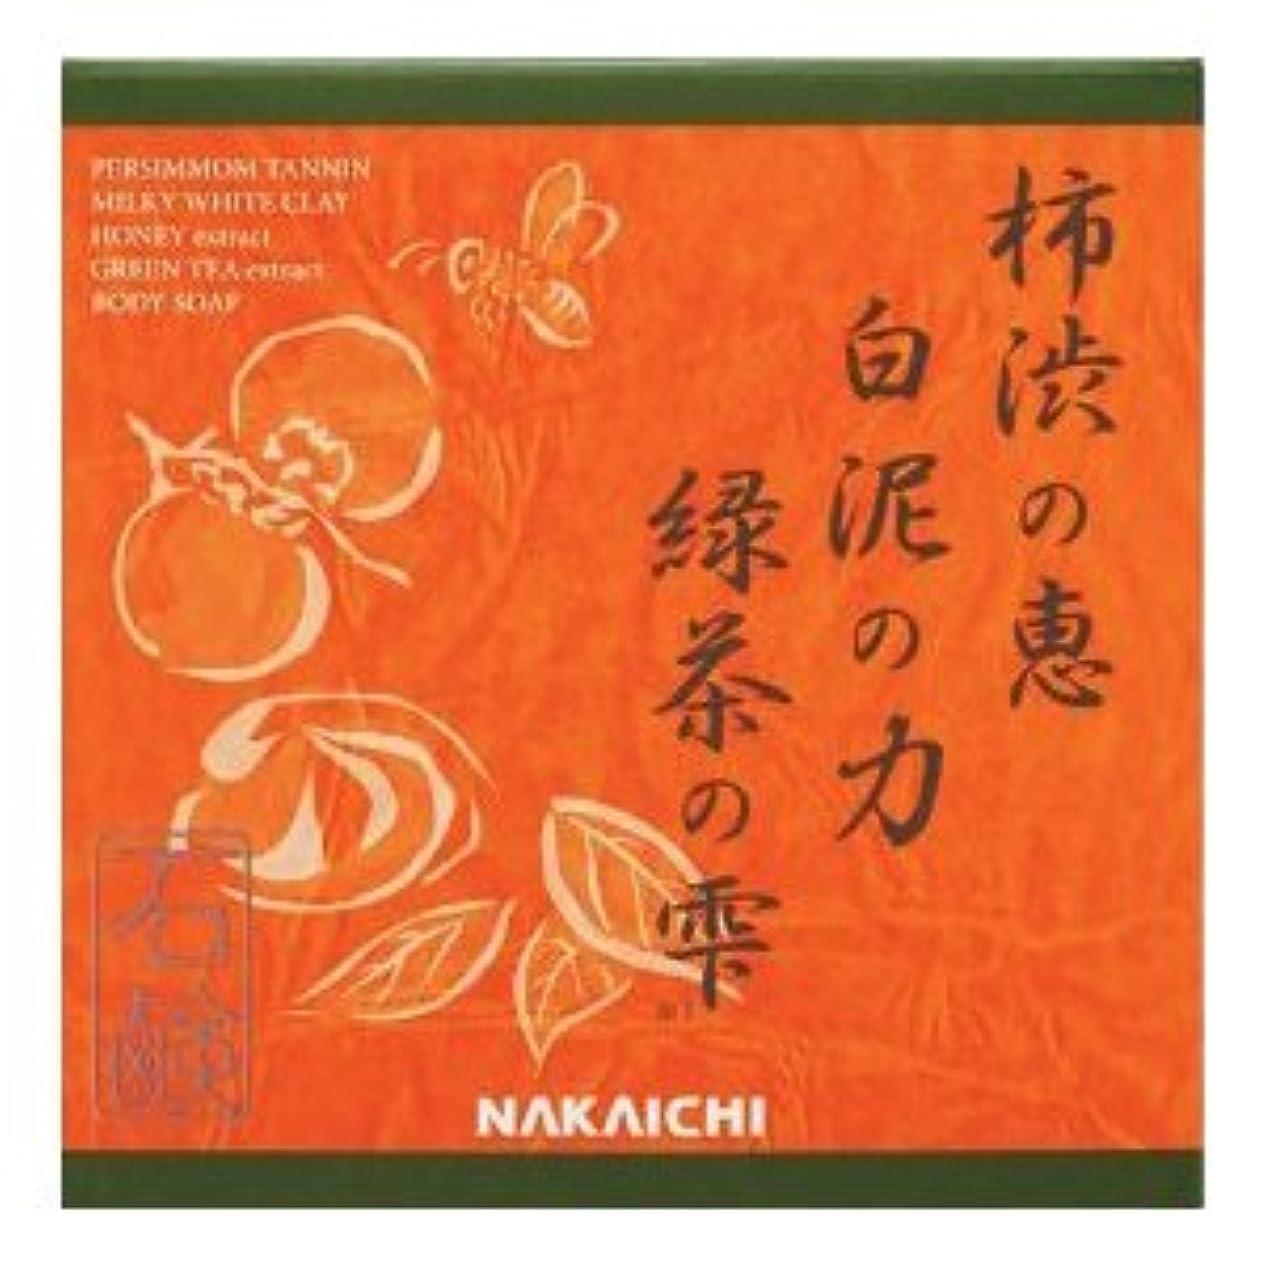 理容室ペア神柿渋の恵み?白泥の力?緑茶の雫  Nakaichi クリアボディーソープ  100g  (化粧品)